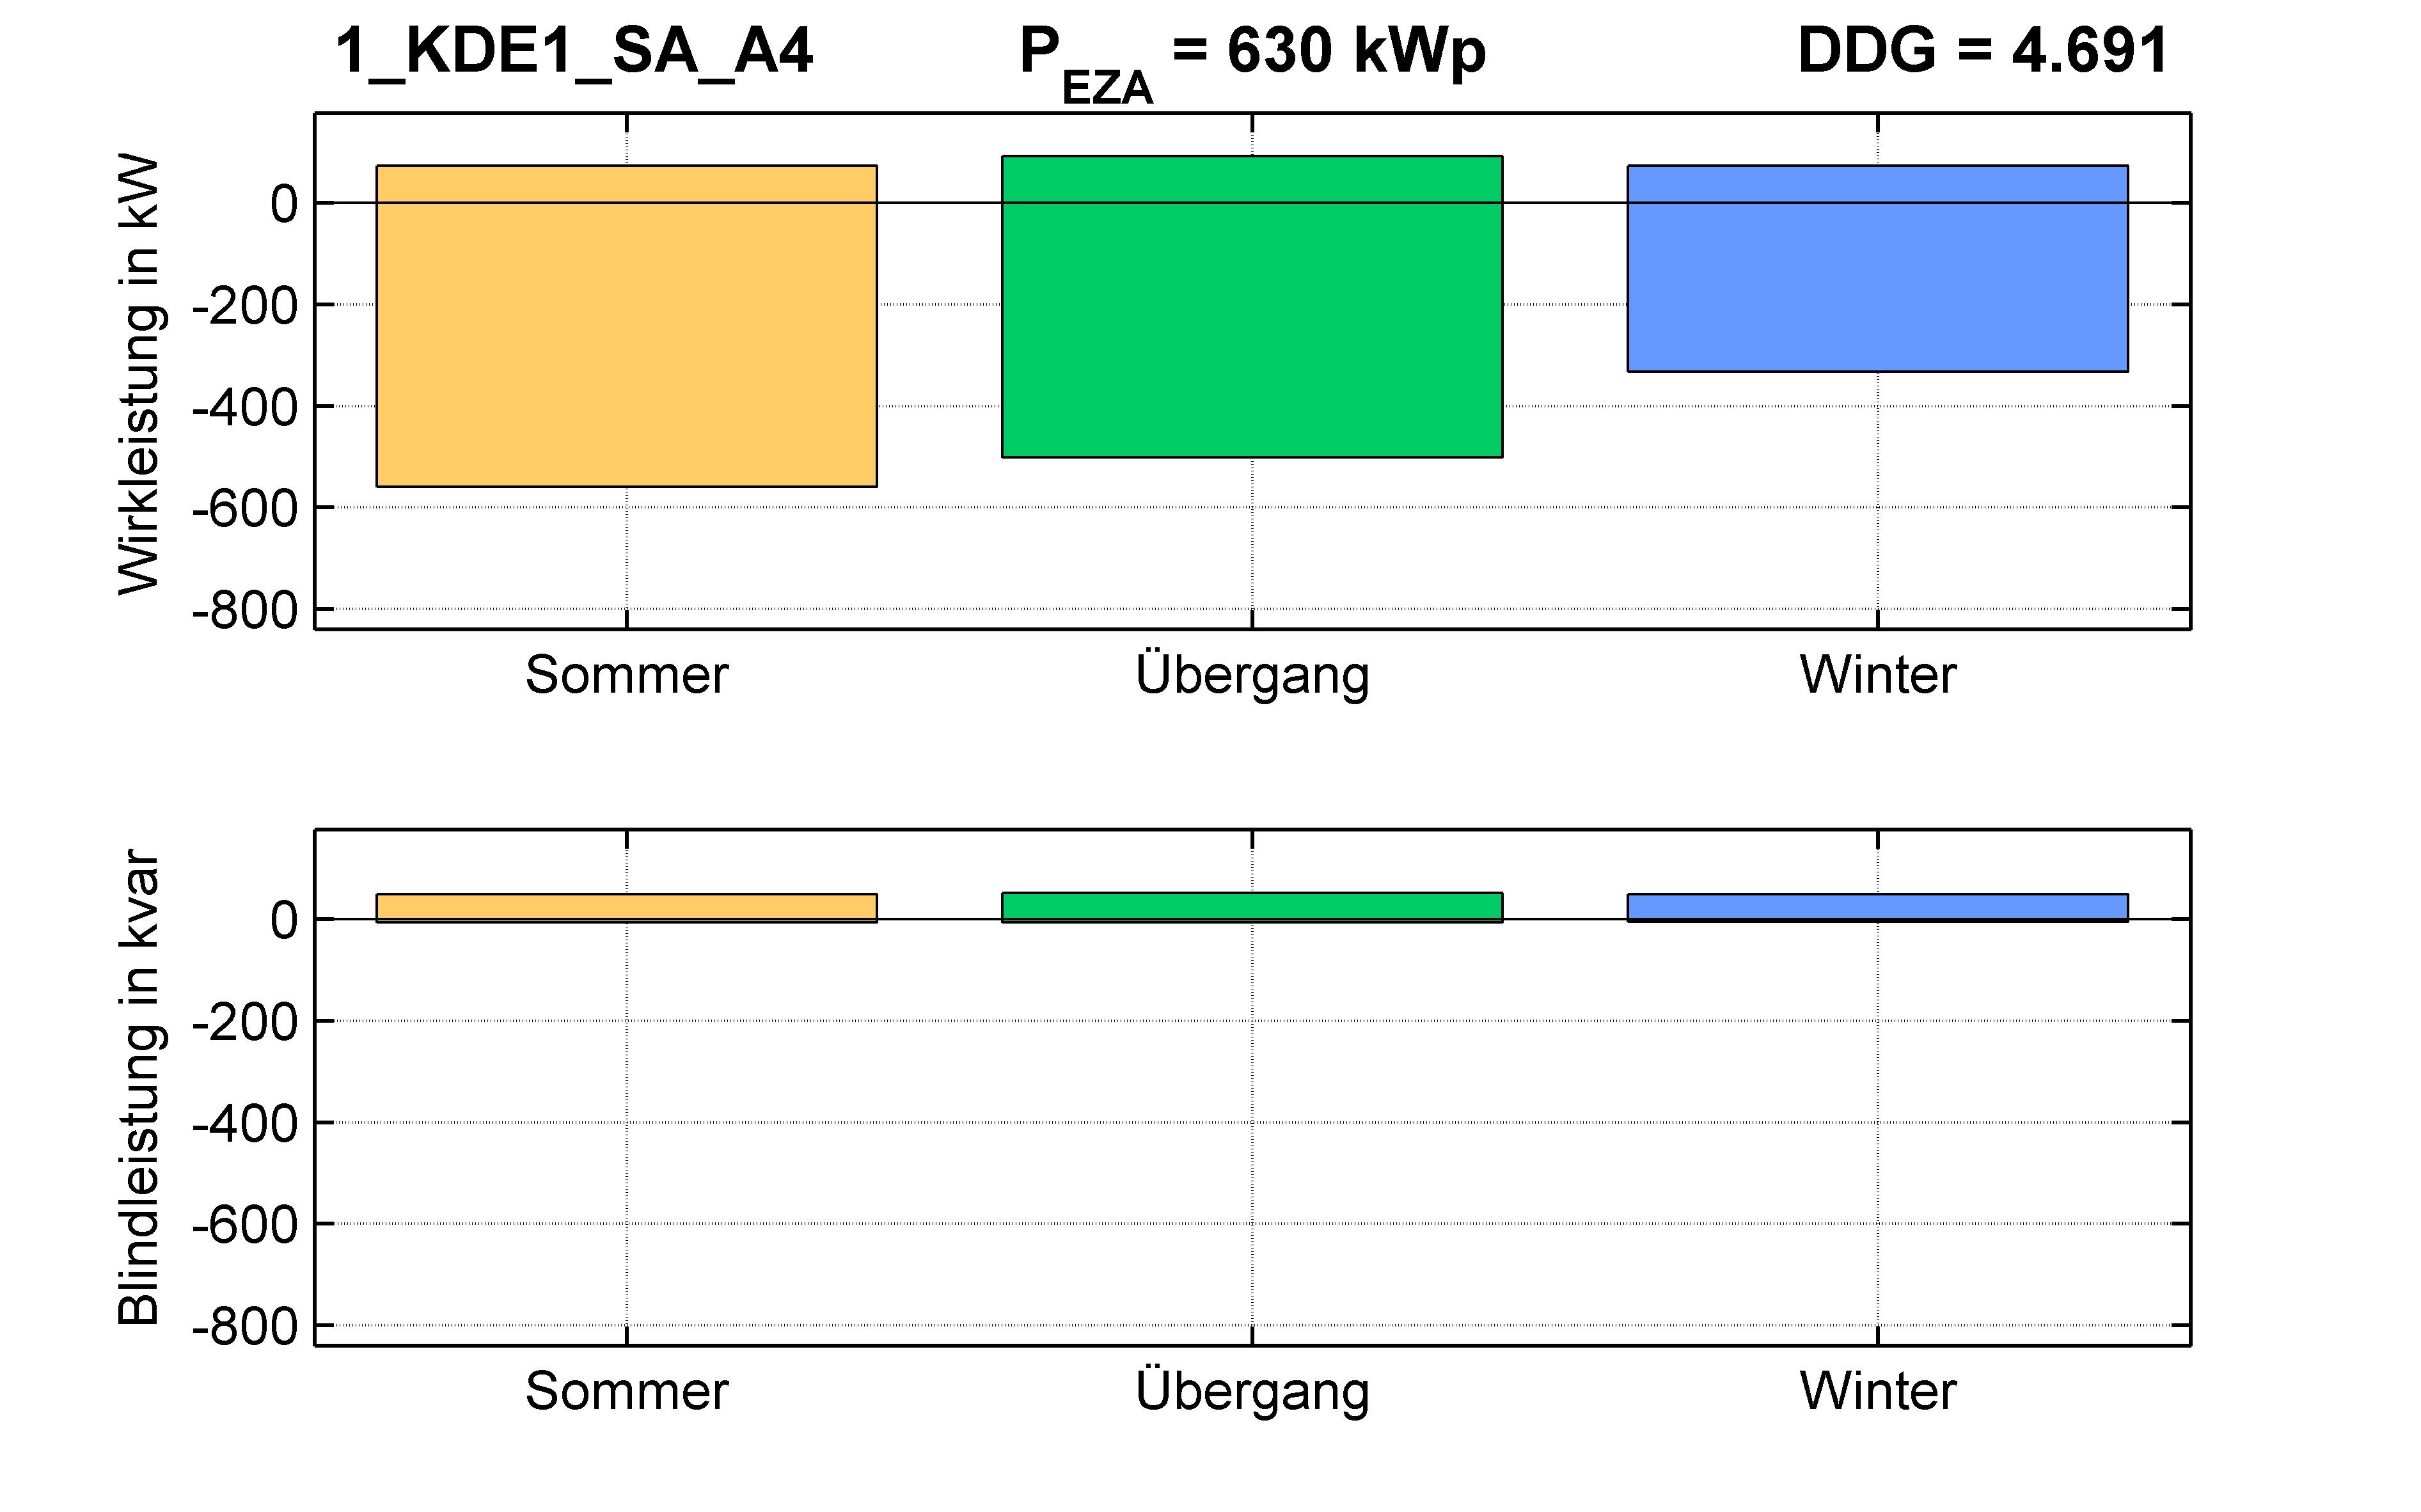 KDE1 | KABEL (SA) A4 | PQ-Bilanz